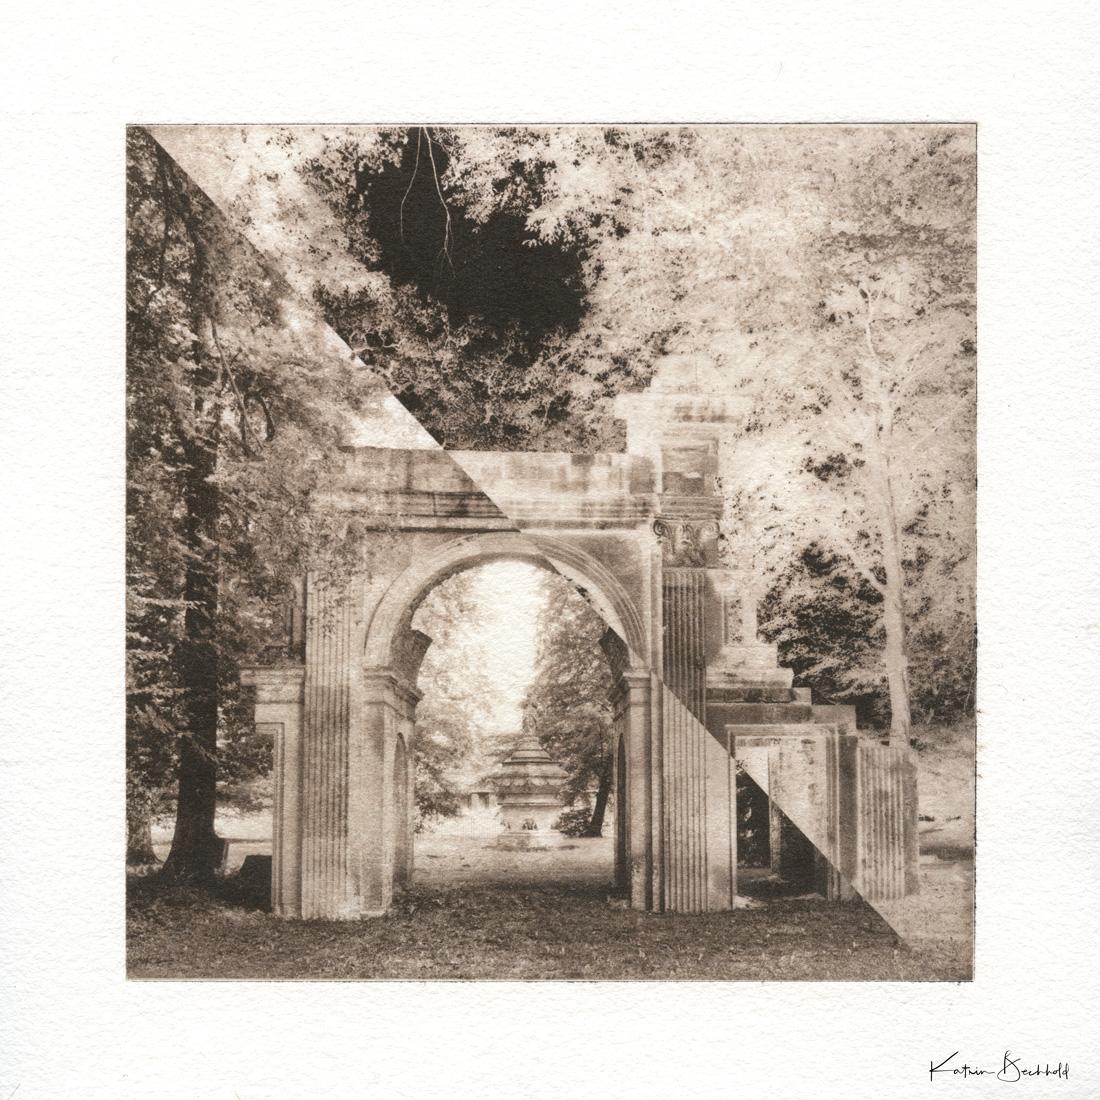 Ruinenbogen mit Blick auf das 'Verschleierte Bild von Sais'